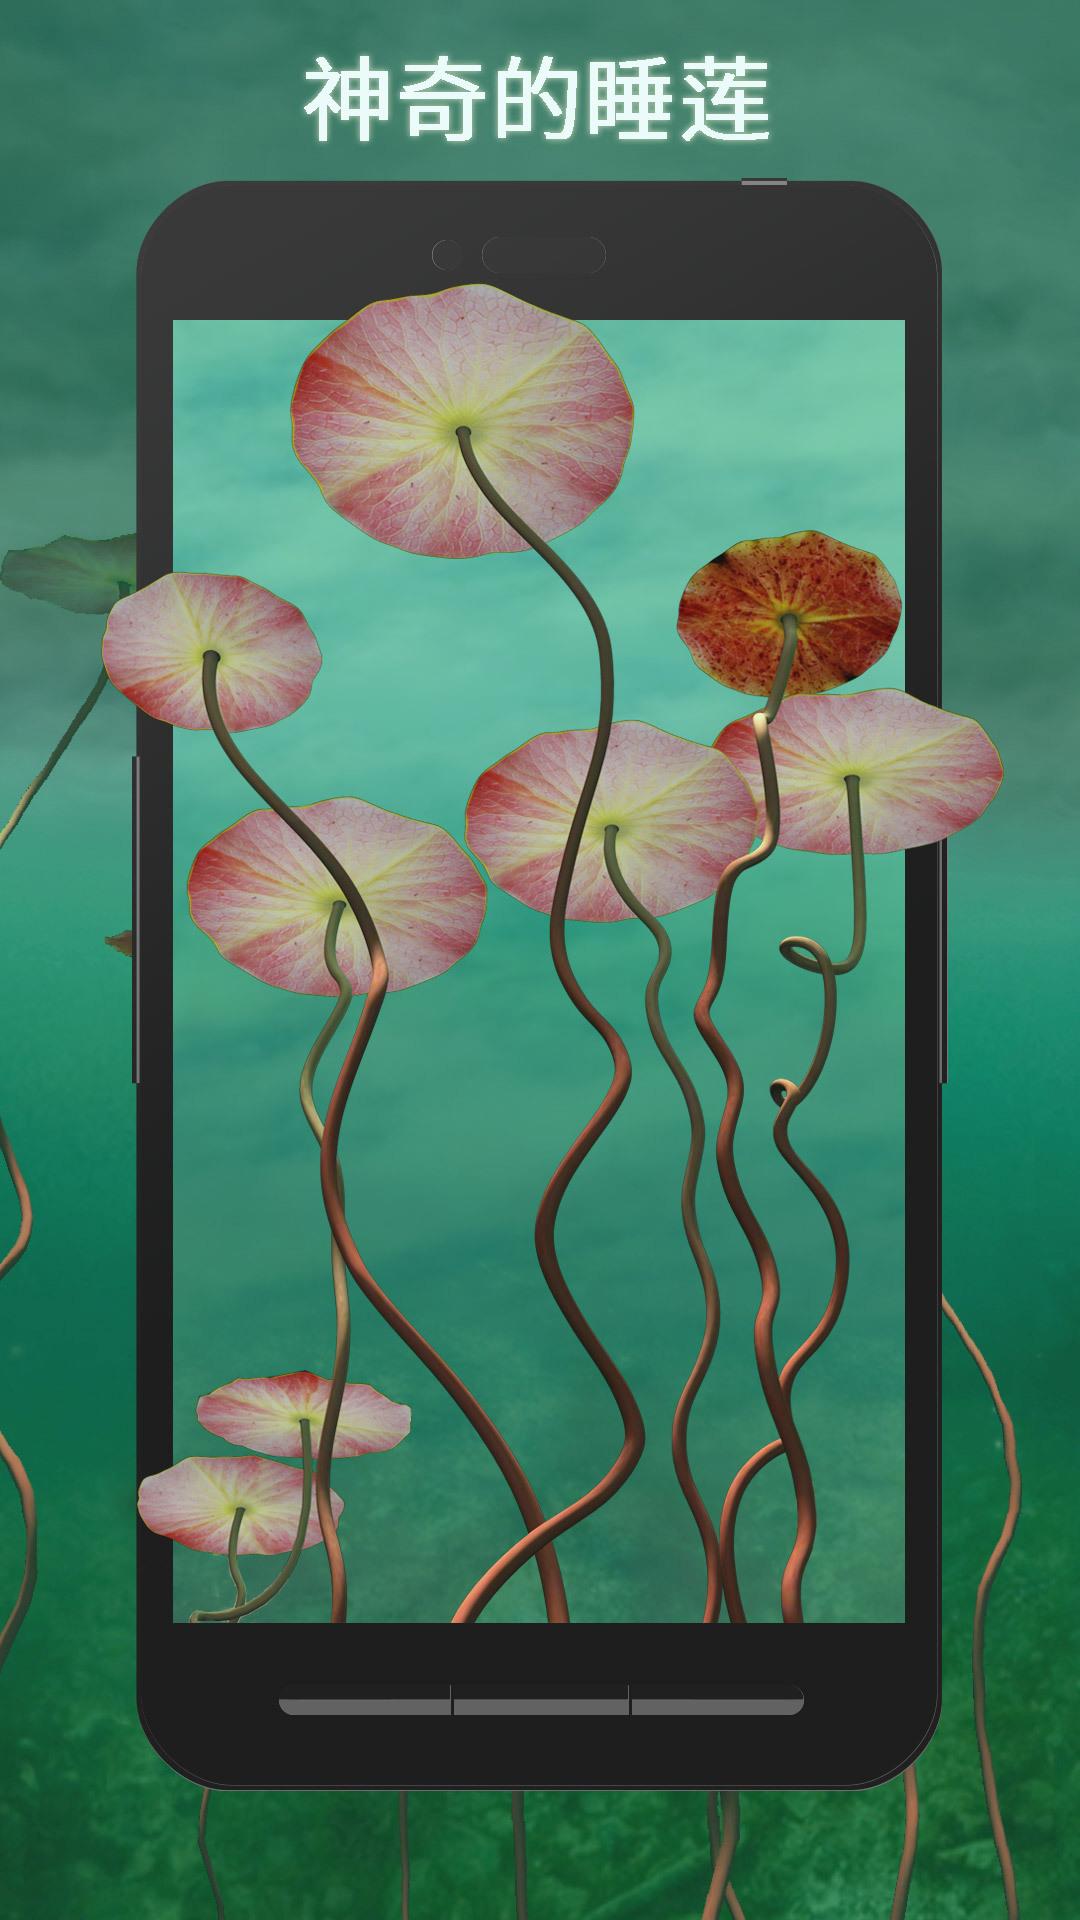 3D睡莲-梦象动态壁纸